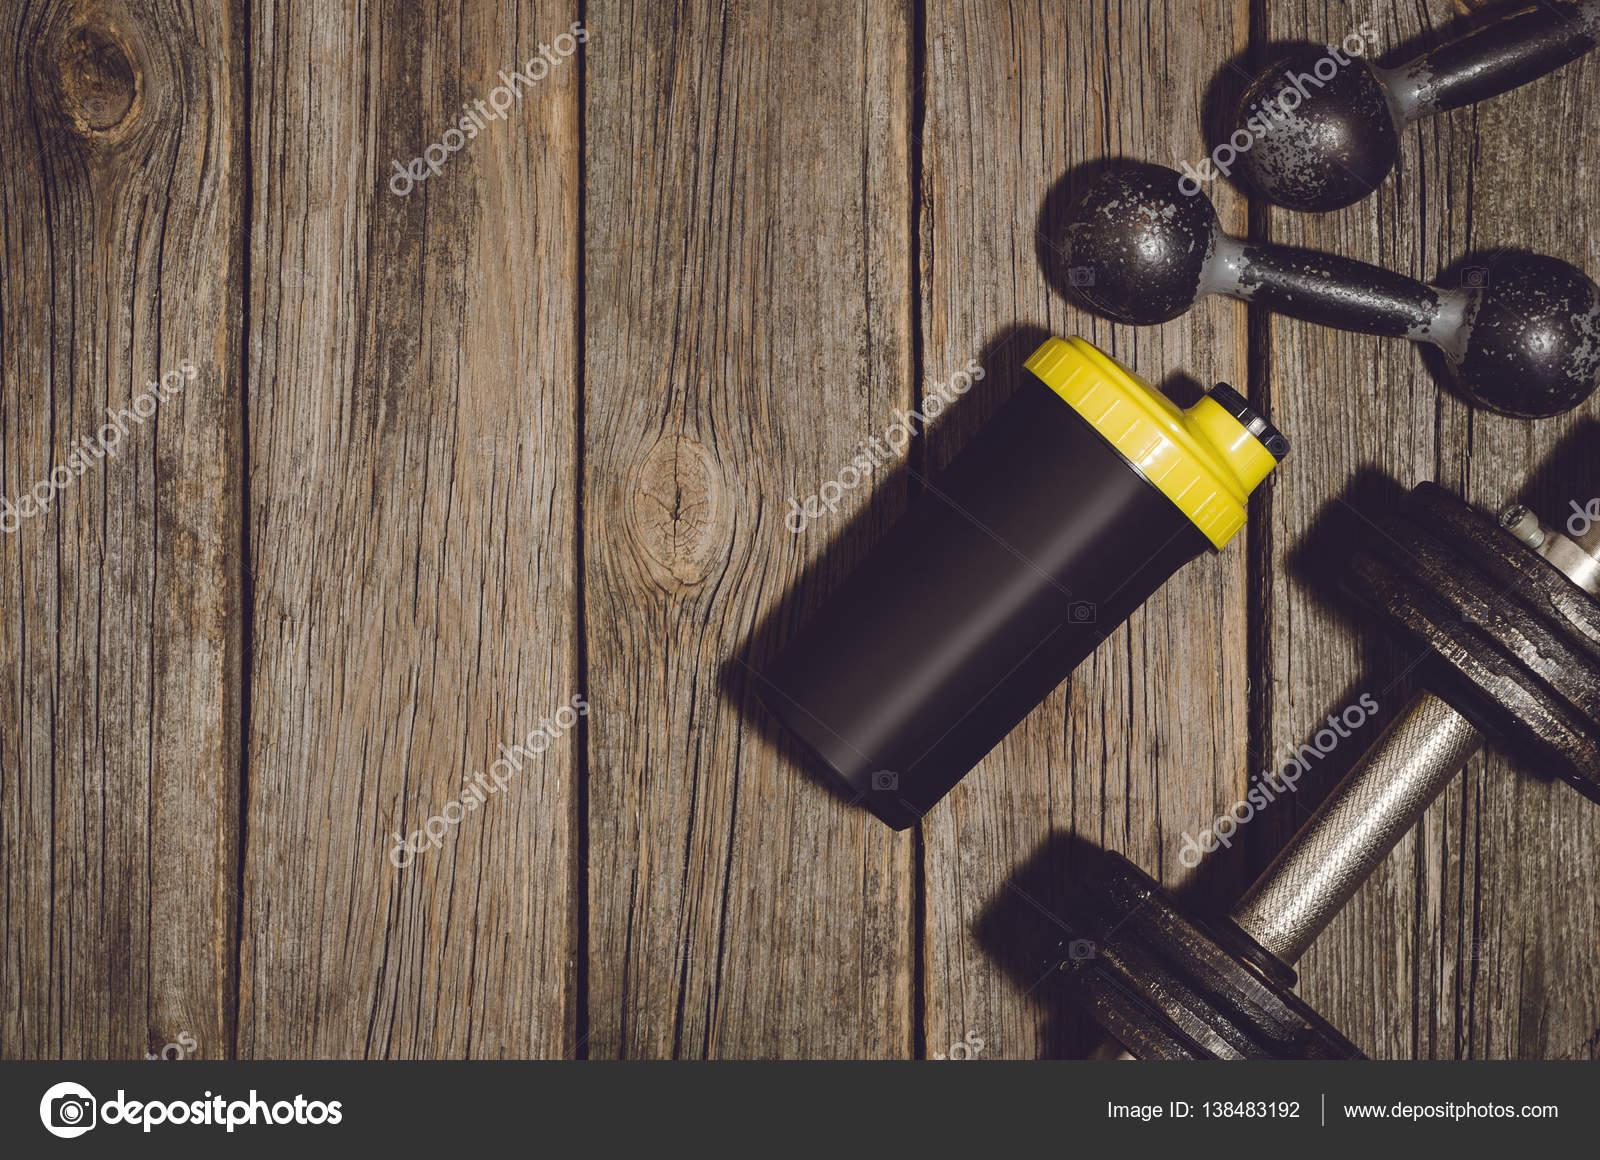 Alte Eisen Hanteln Oder Übung Gewichte Und Protein Shaker Flasche Auf Einem  Alten Holz Deck, Boden Oder Tisch In Der Turnhalle Im Freien.